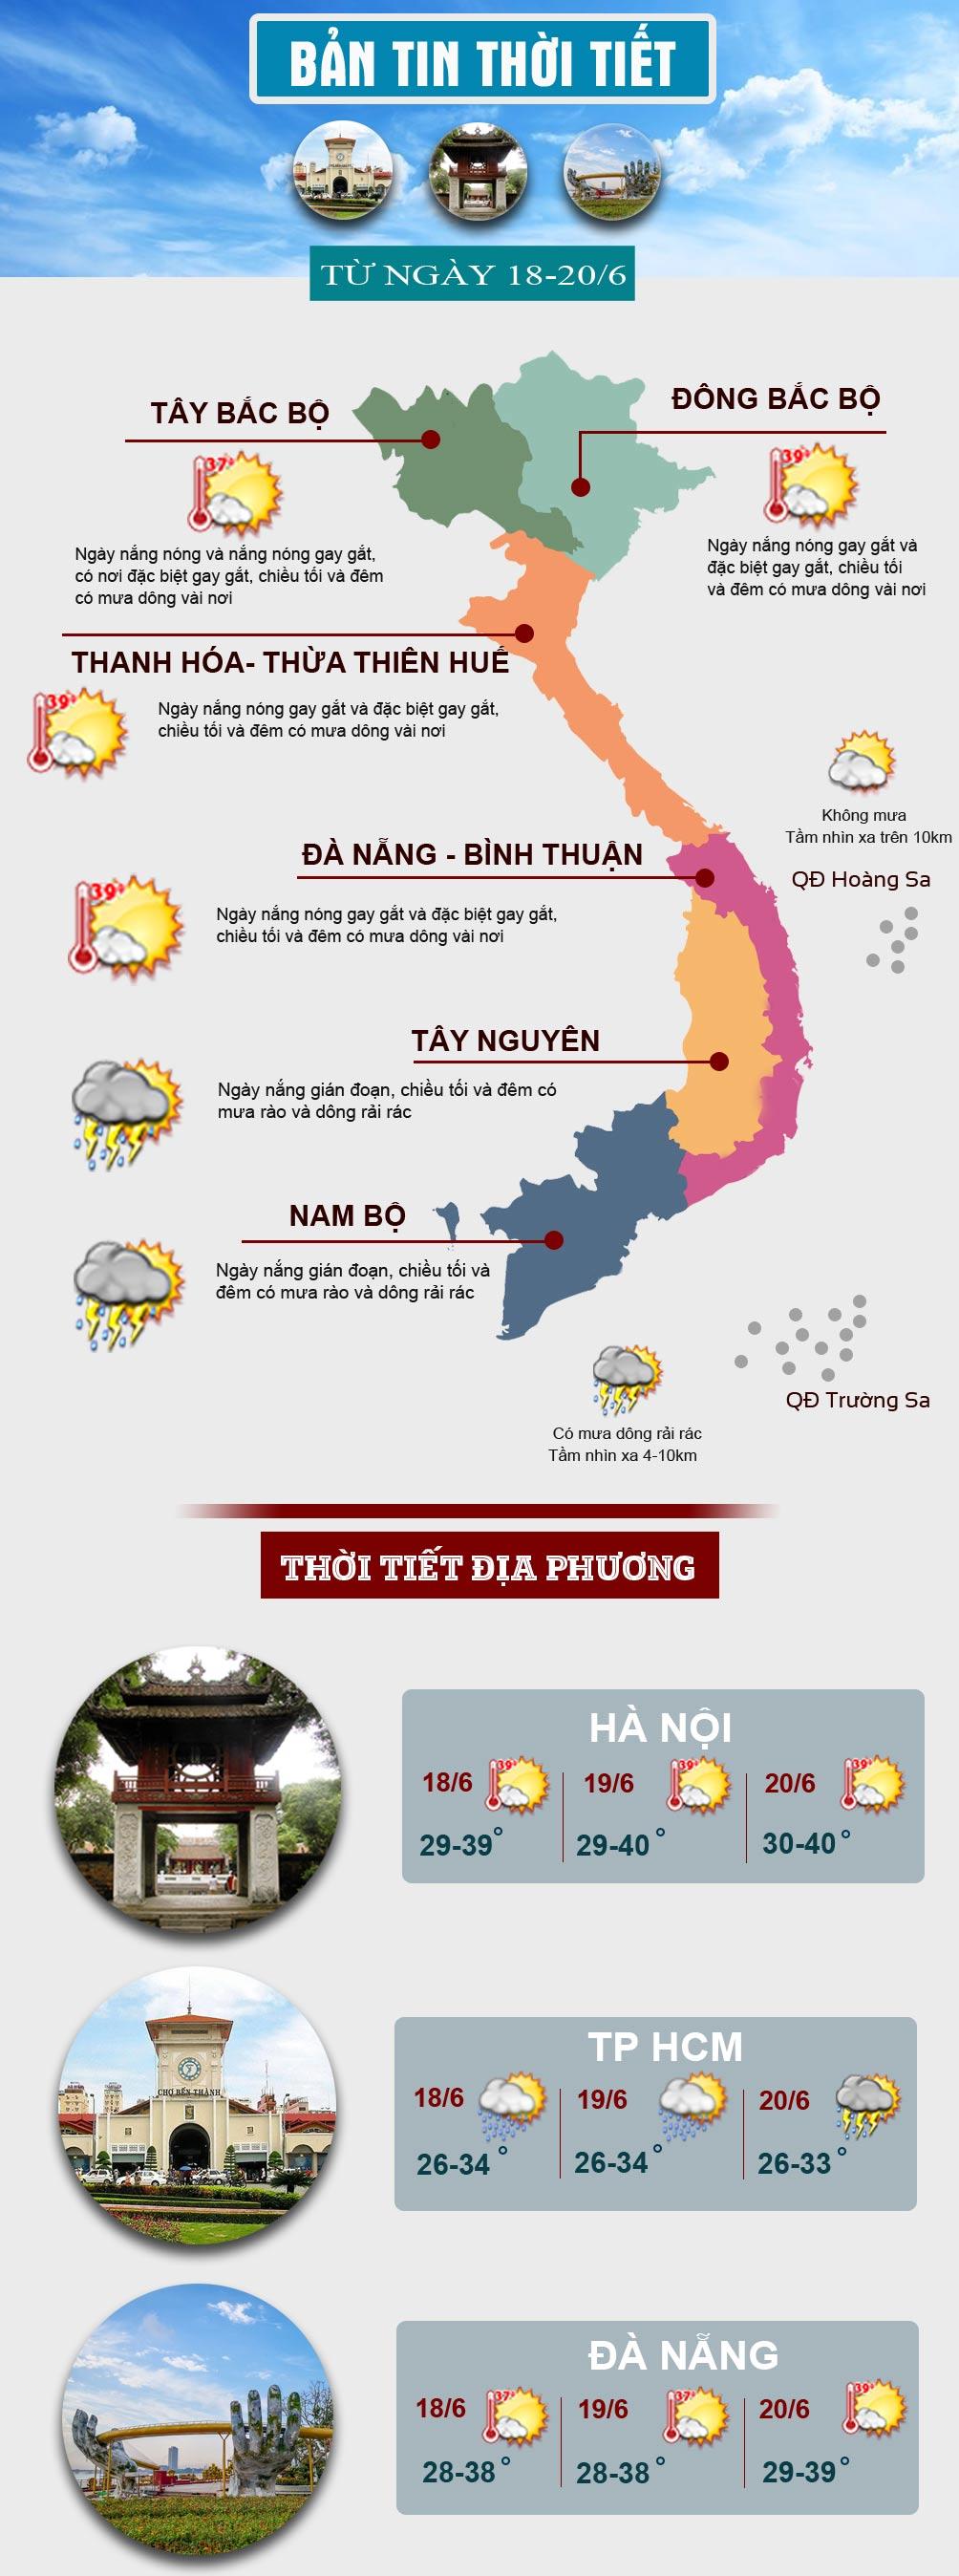 Nắng nóng ở miền Bắc và miền Trung đạt đỉnh, nhiều nơi trên 40 độ C - 1